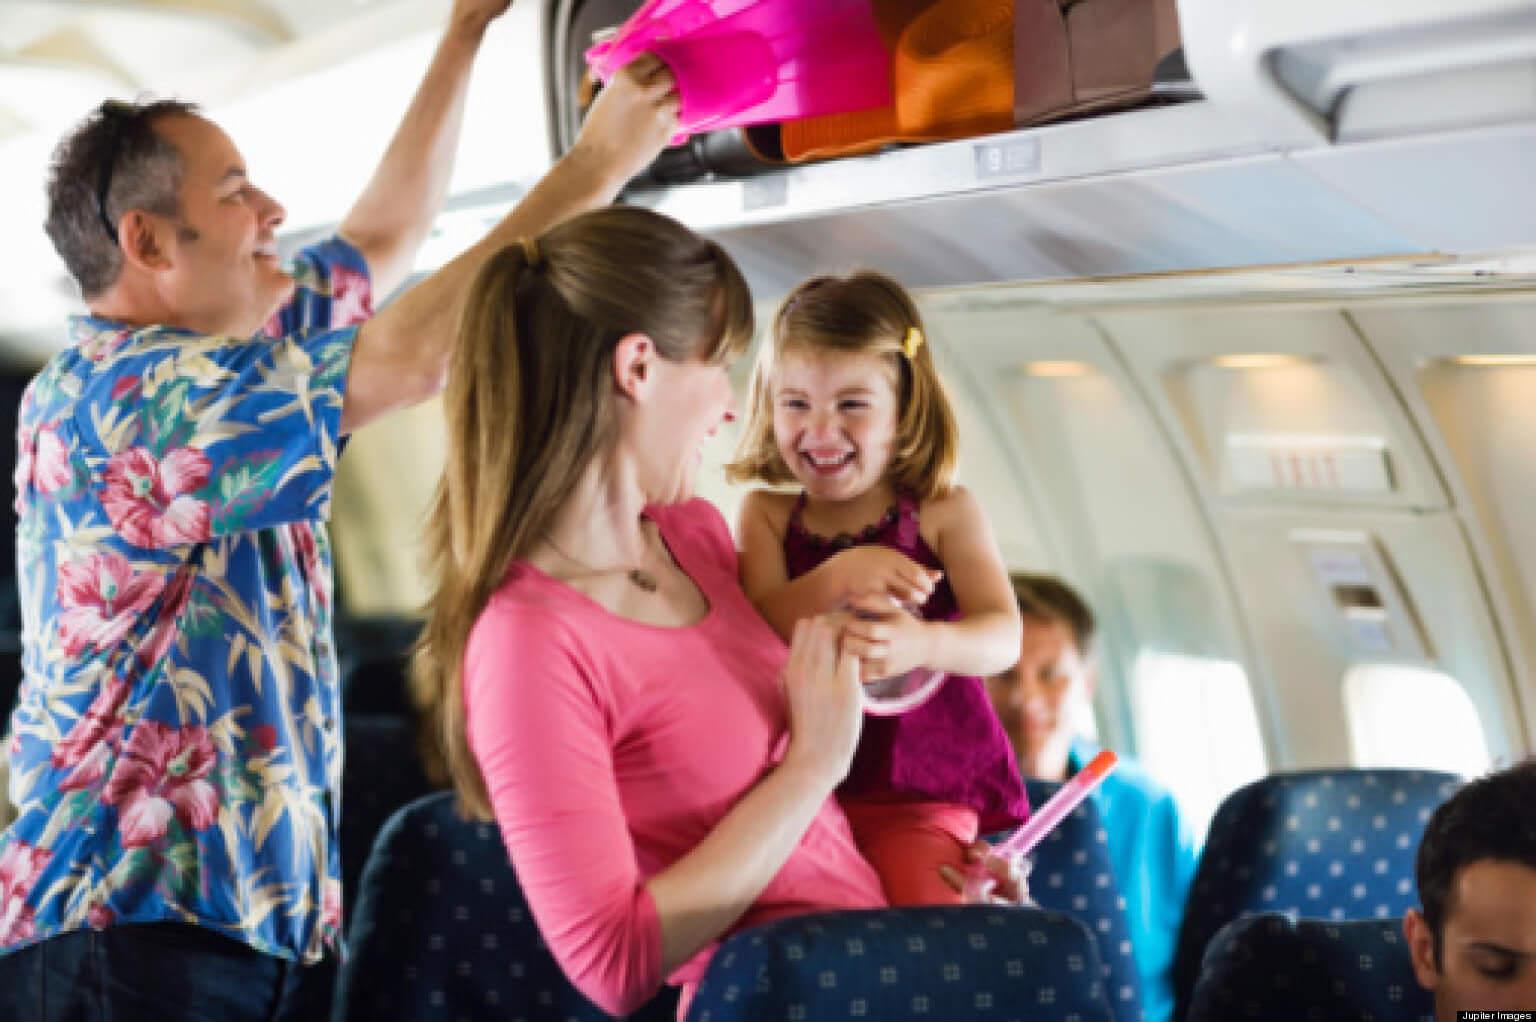 Семейный отдых — виды семейного туризма и досуга